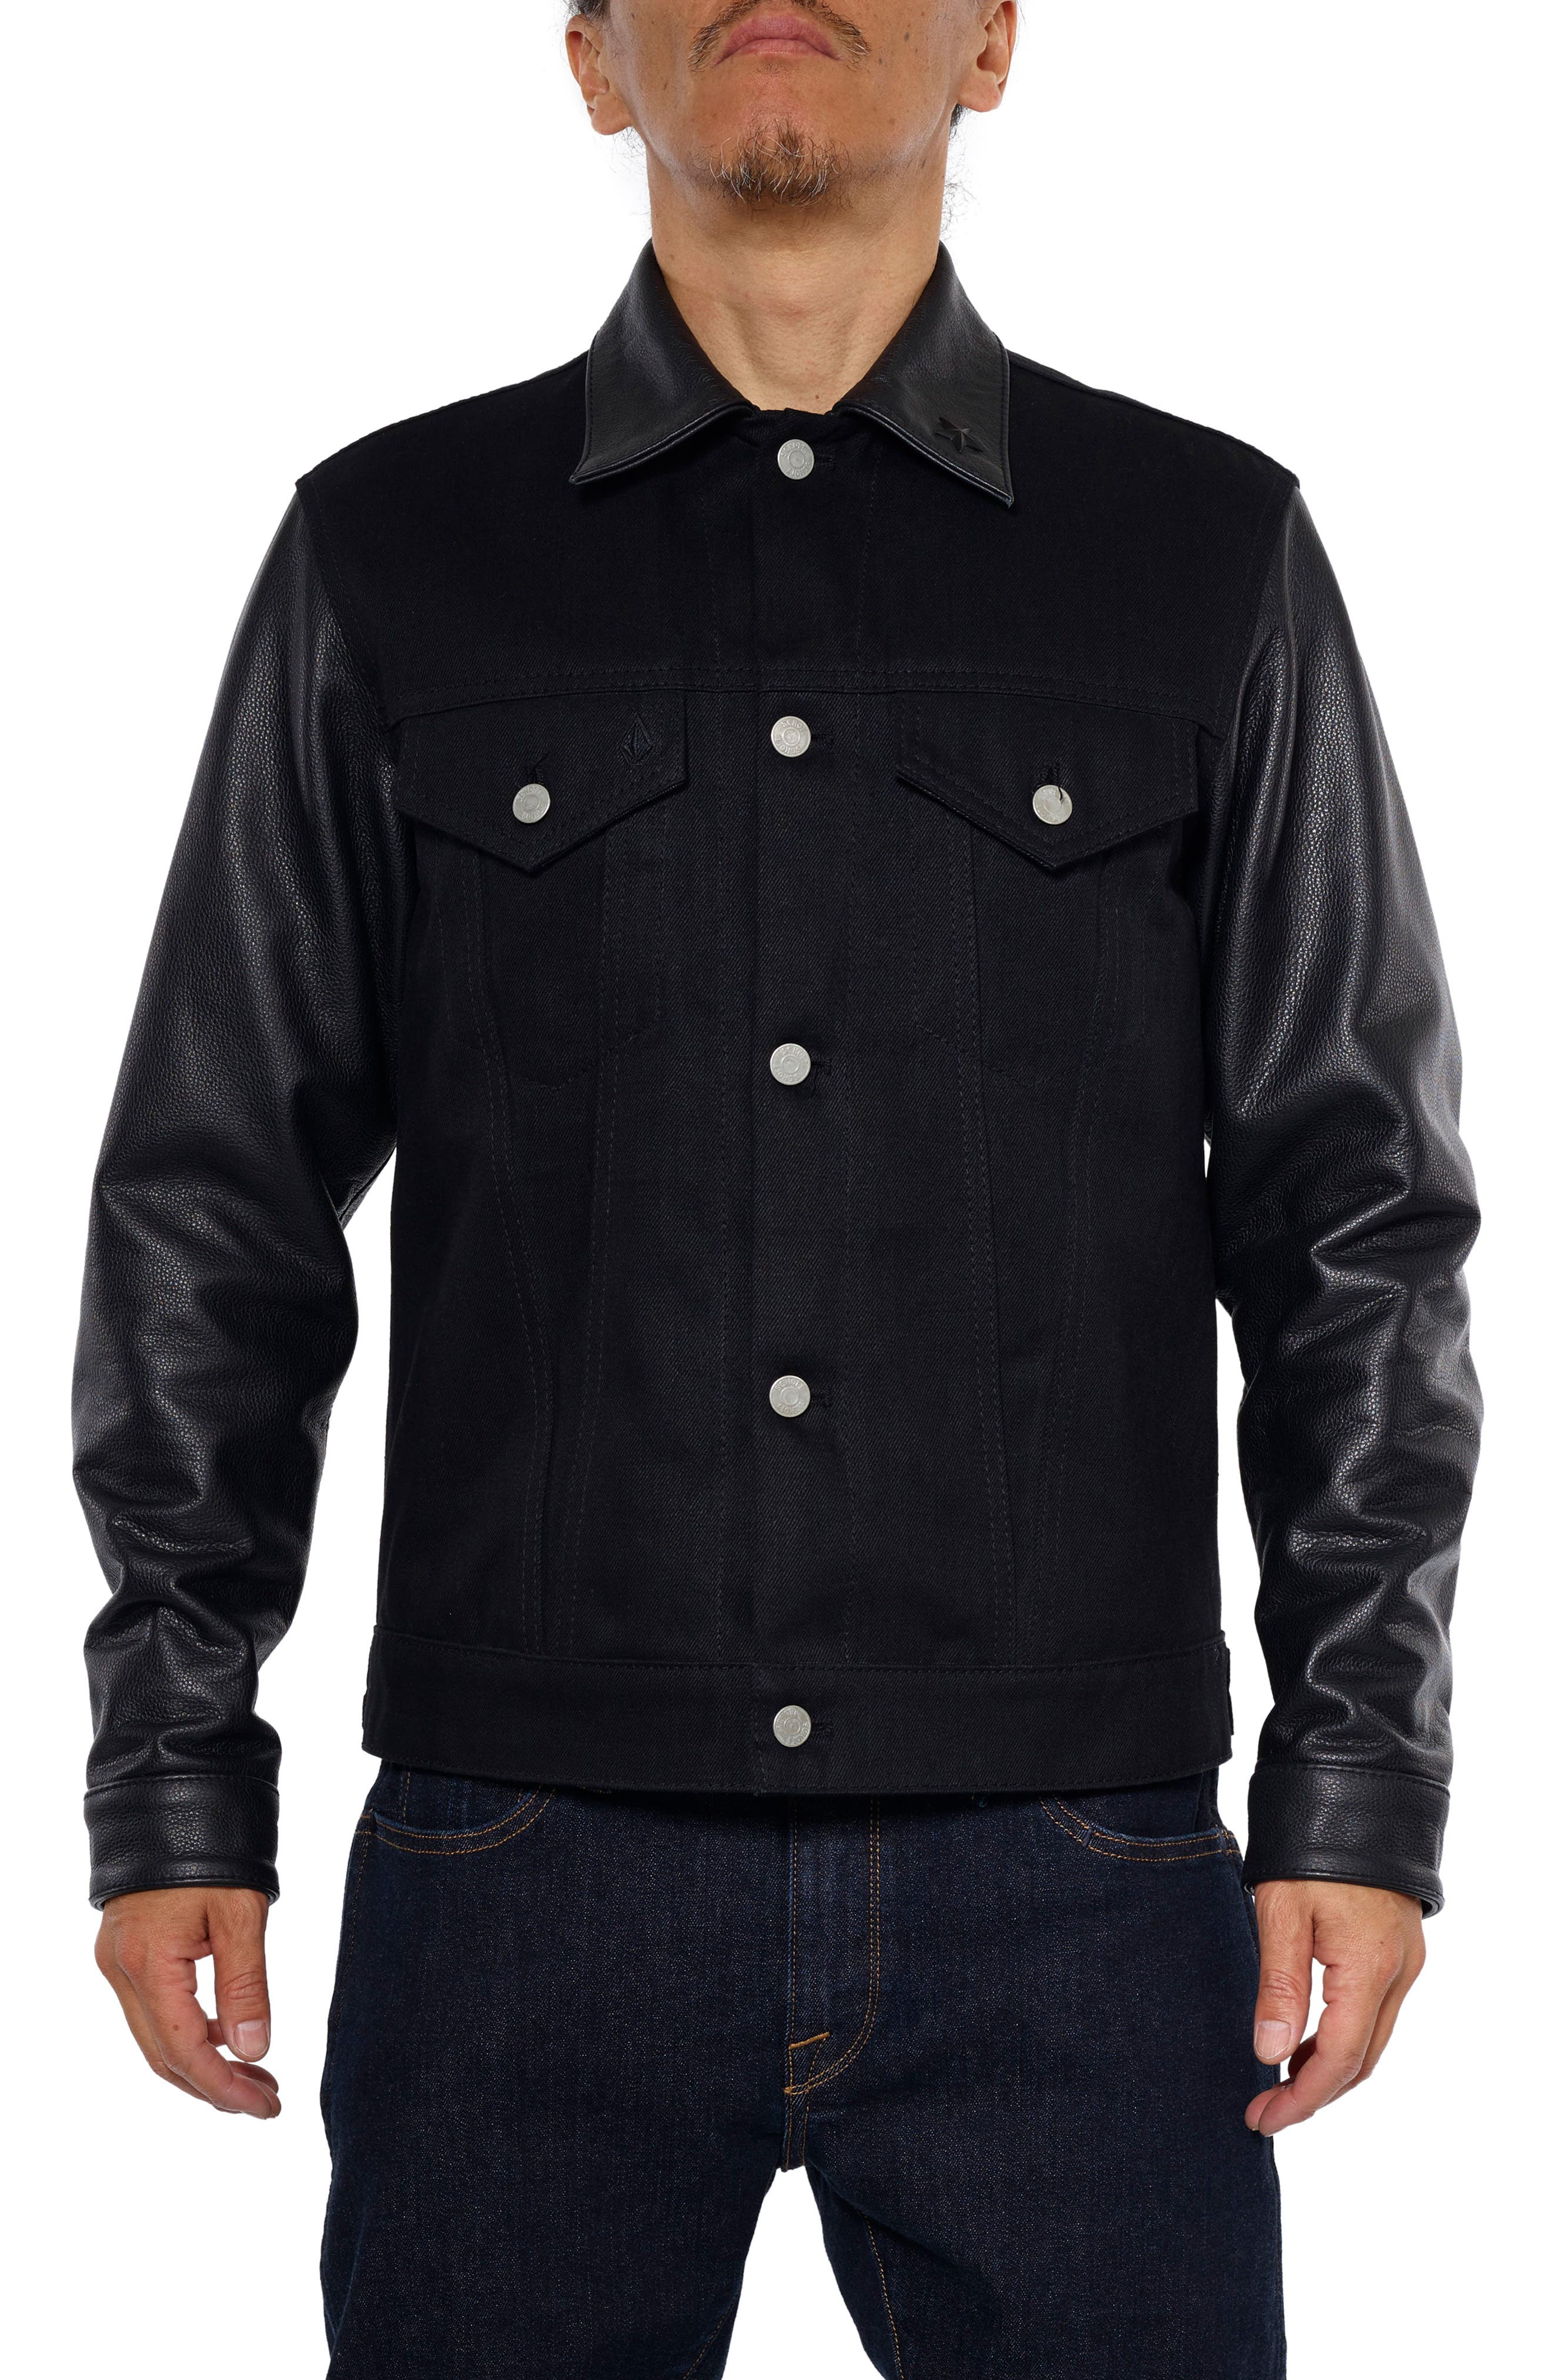 x Schott Denim Jacket,                         Main,                         color, Black